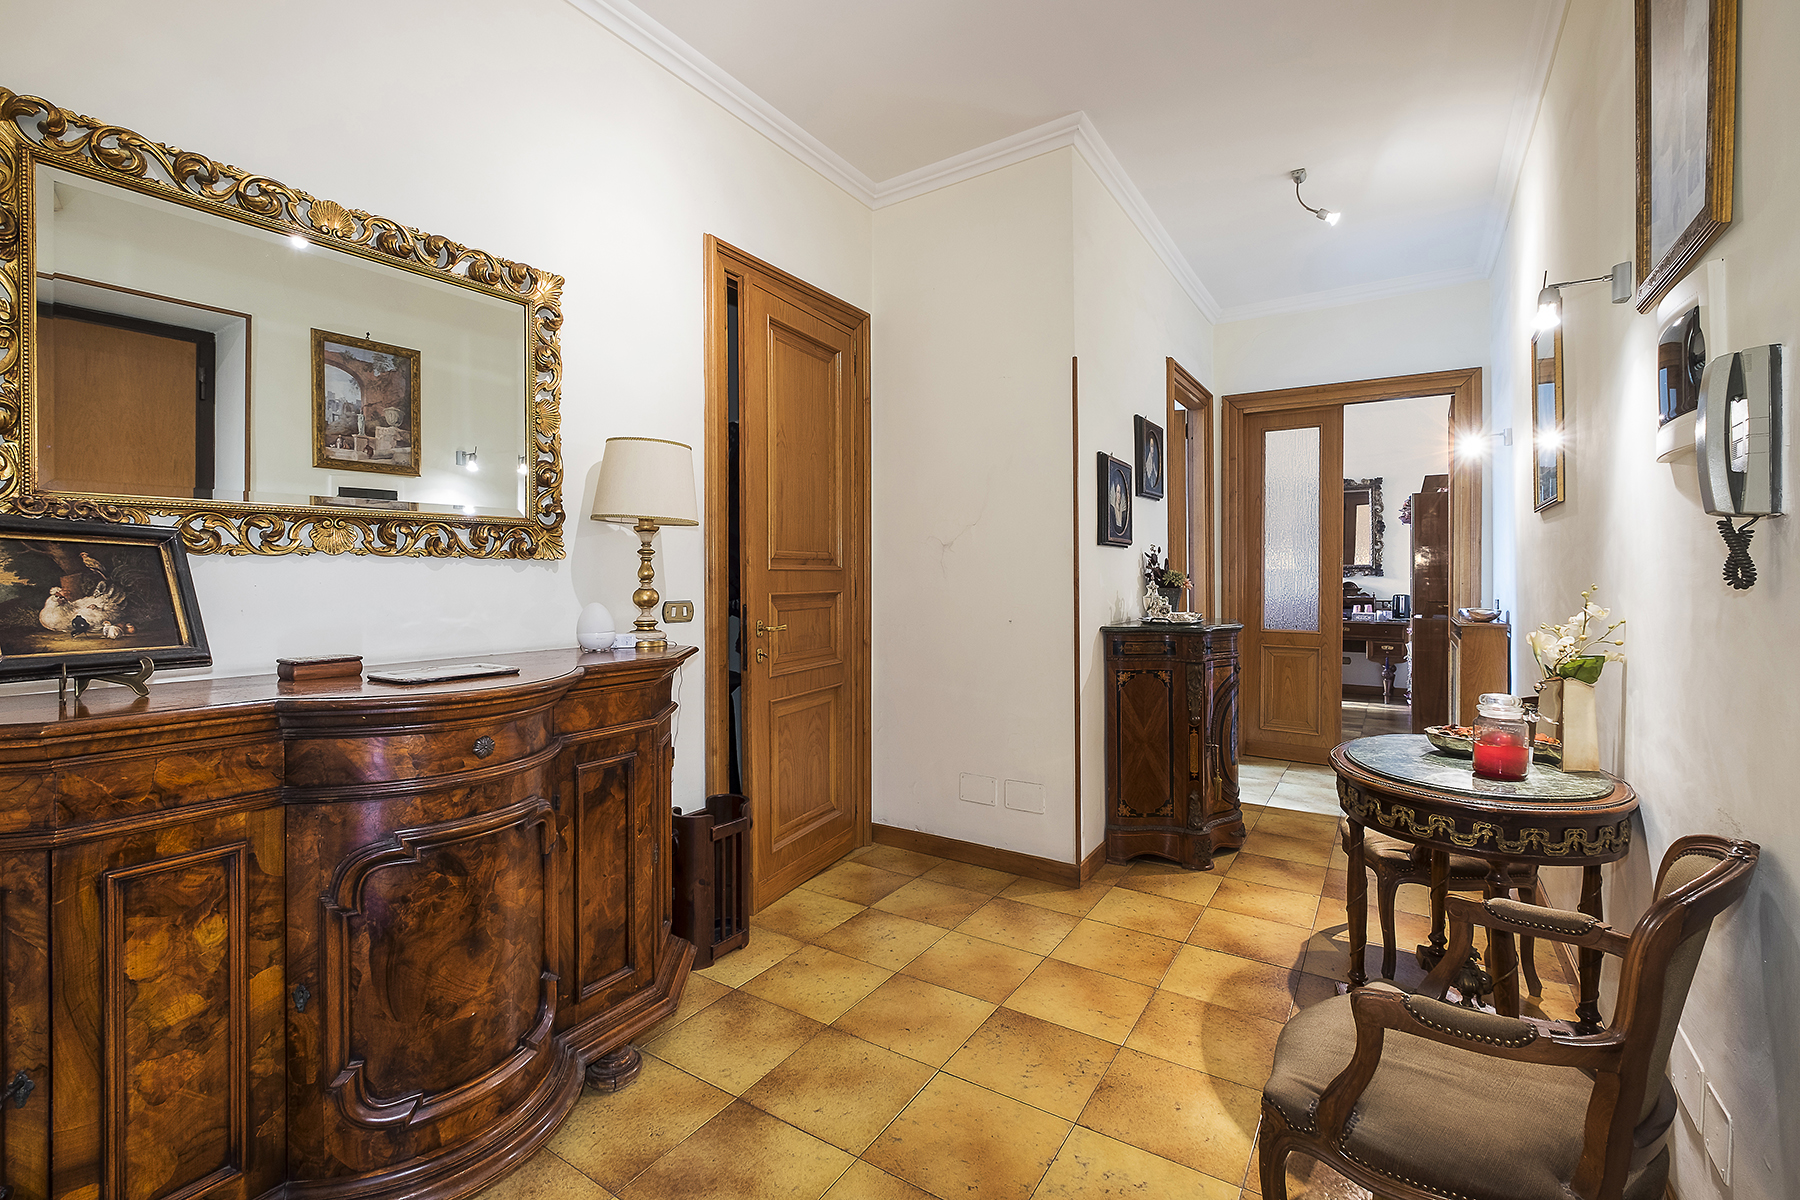 Ufficio-studio in Vendita a Roma 06 Nuovo / Salario / Prati fiscali: 4 locali, 109 mq